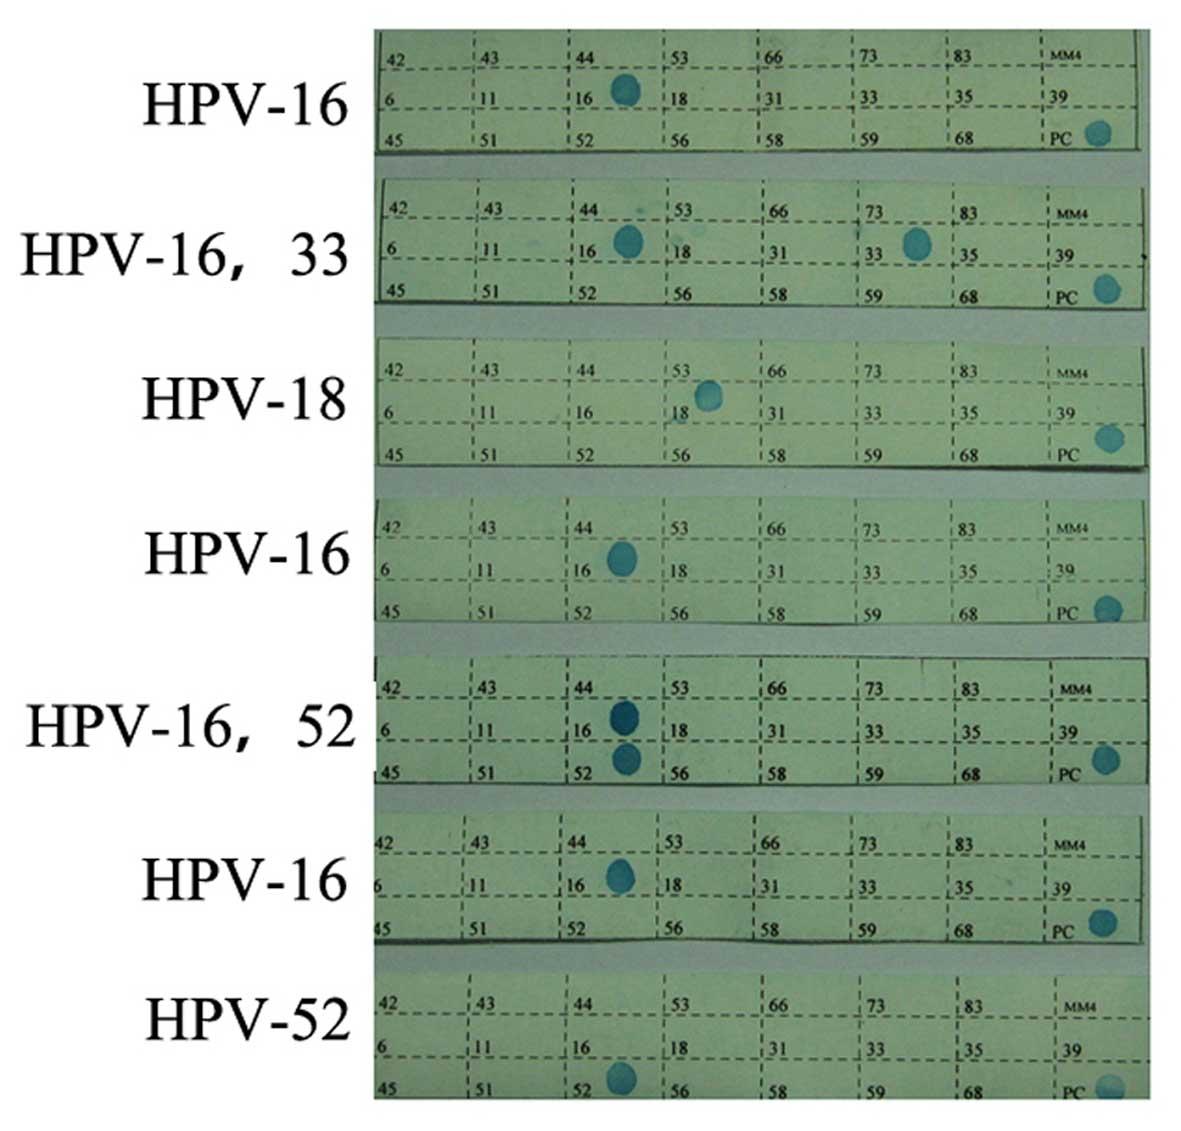 human papillomavirus 16-positive)